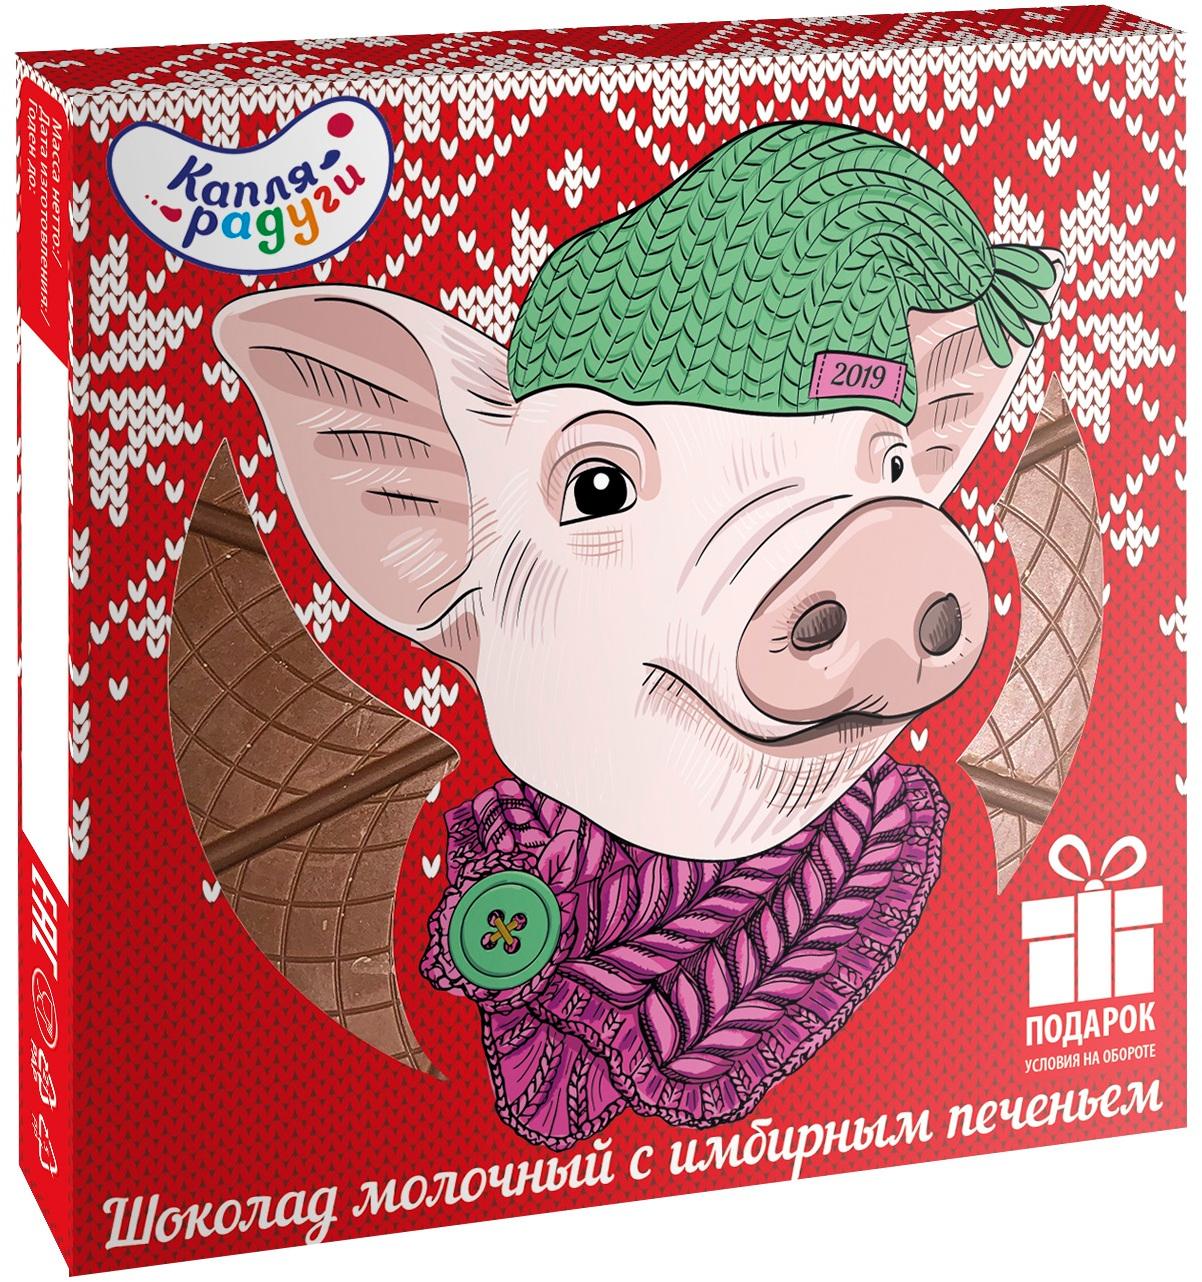 Десерты Капля Радуги Капля Радуги с имбирным печеньем 45 г все цены